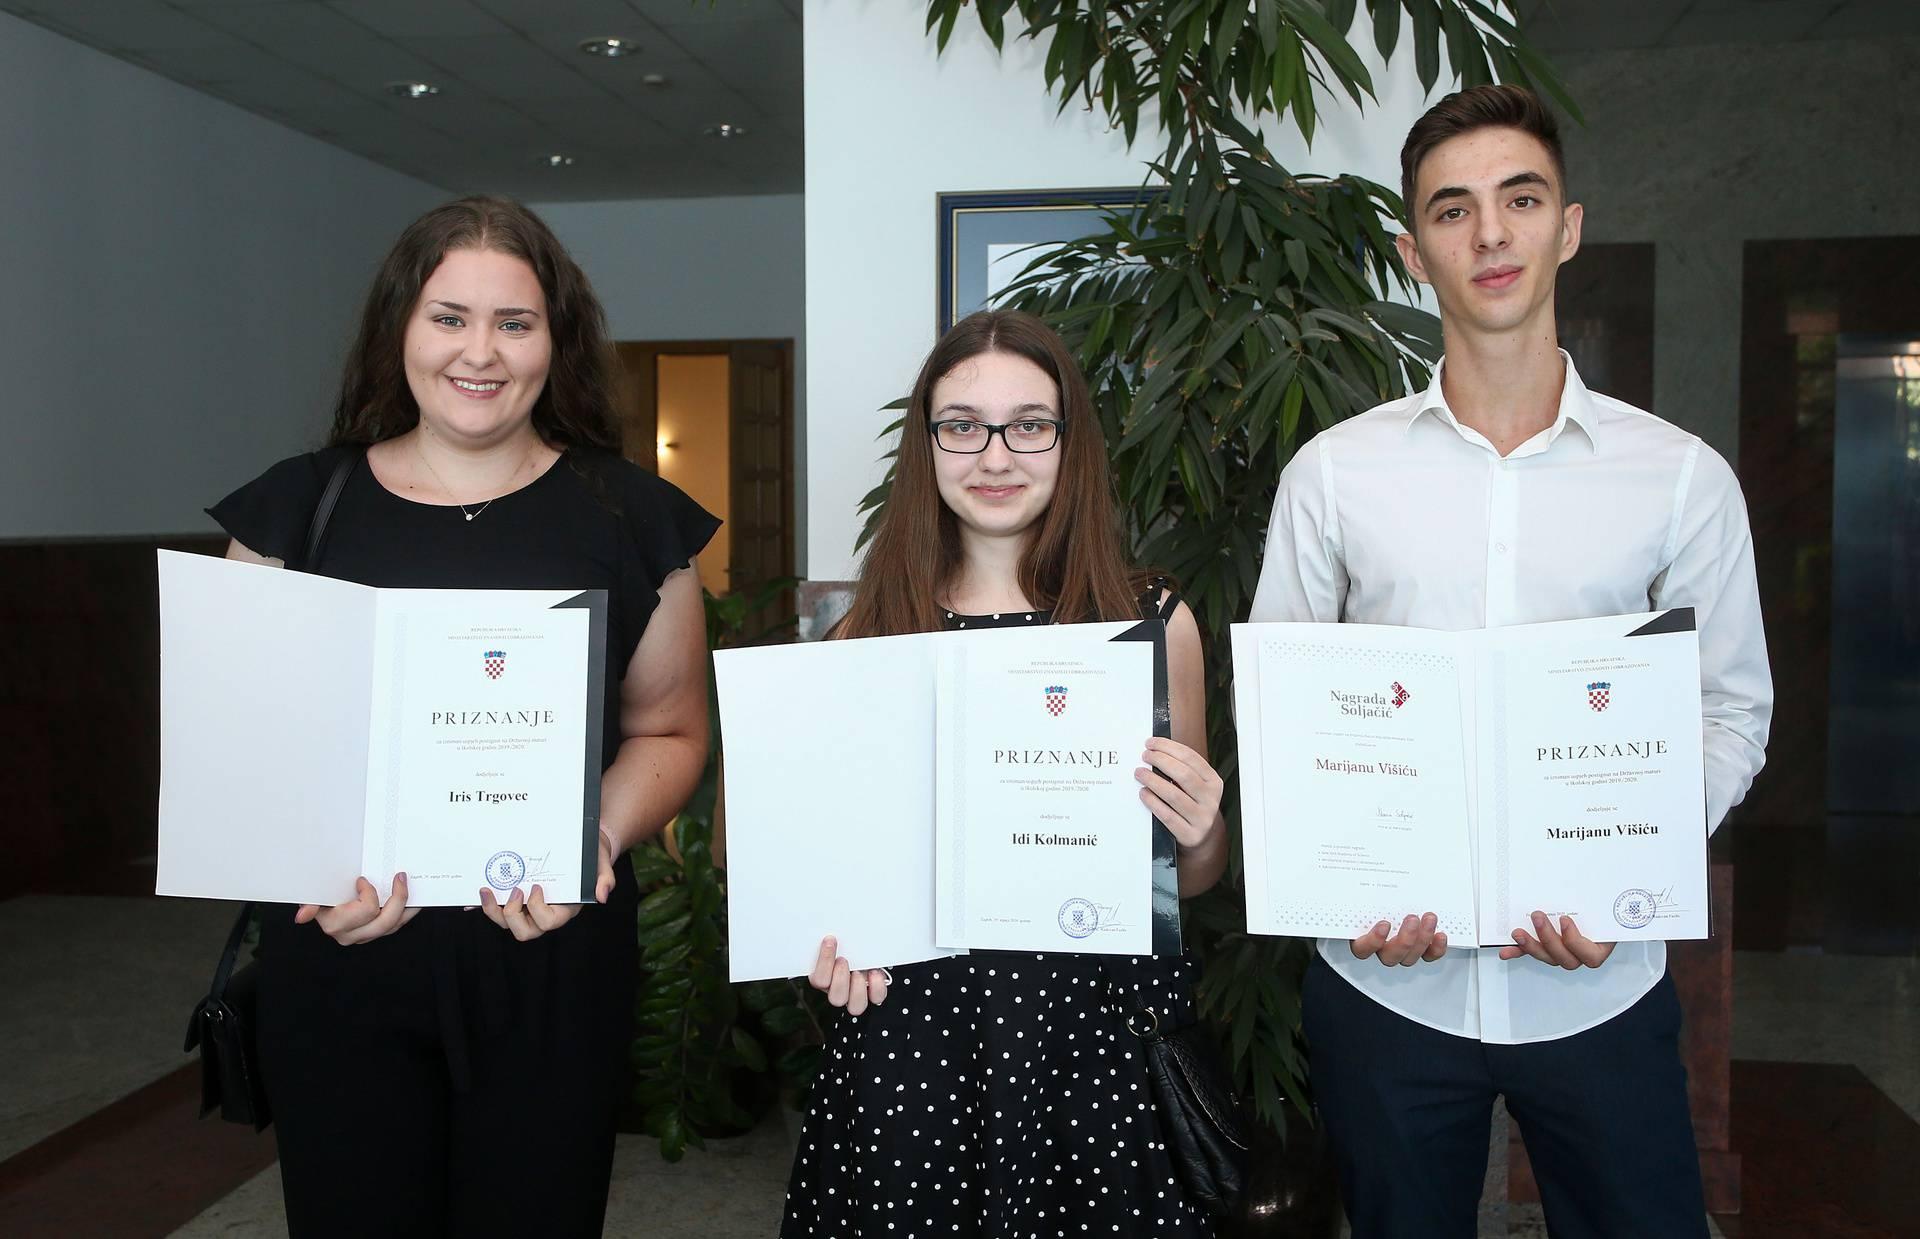 Nagrade Sakač i Soljačić: Troje maturanata dobilo 5000 eura i 5000 dolara za najbolje mature